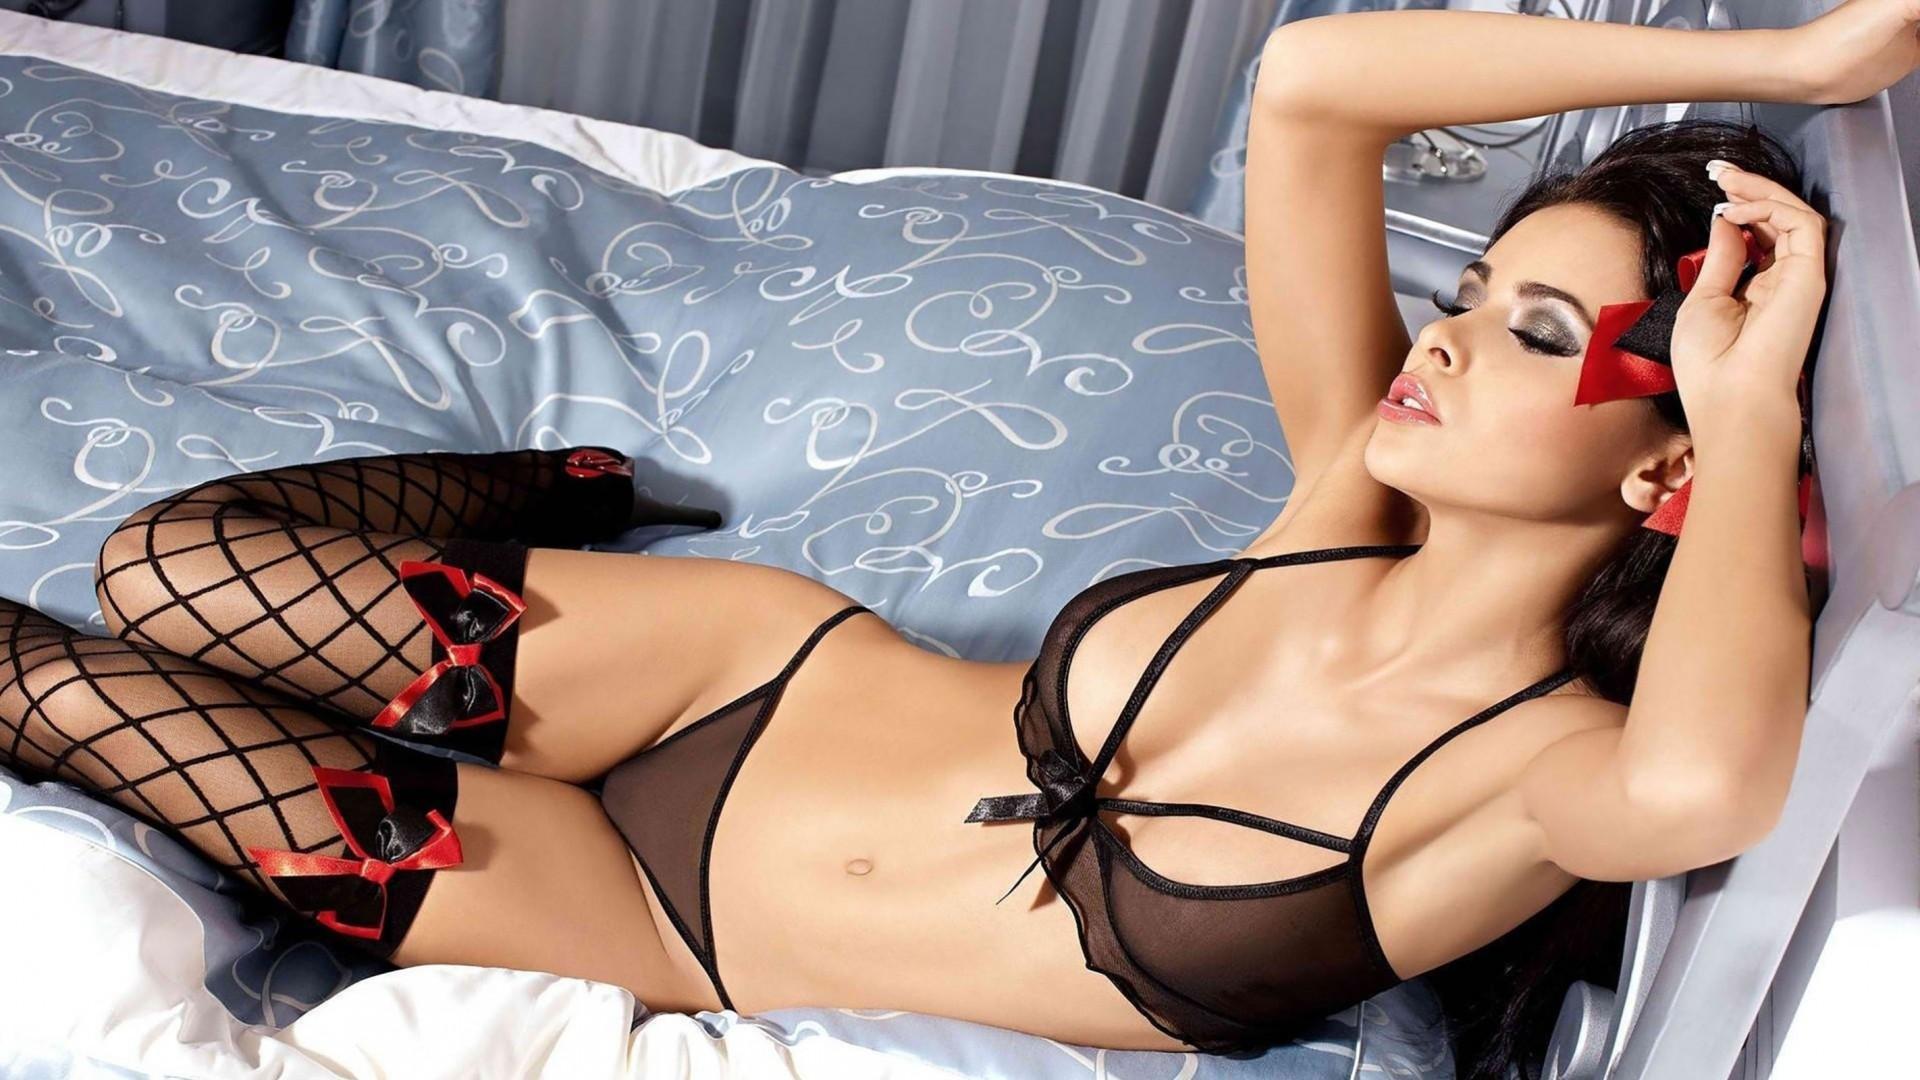 Эро фото сексуальных брюнеток в нижнем белье, зарубежные порно фильмы со смыслом и переводом